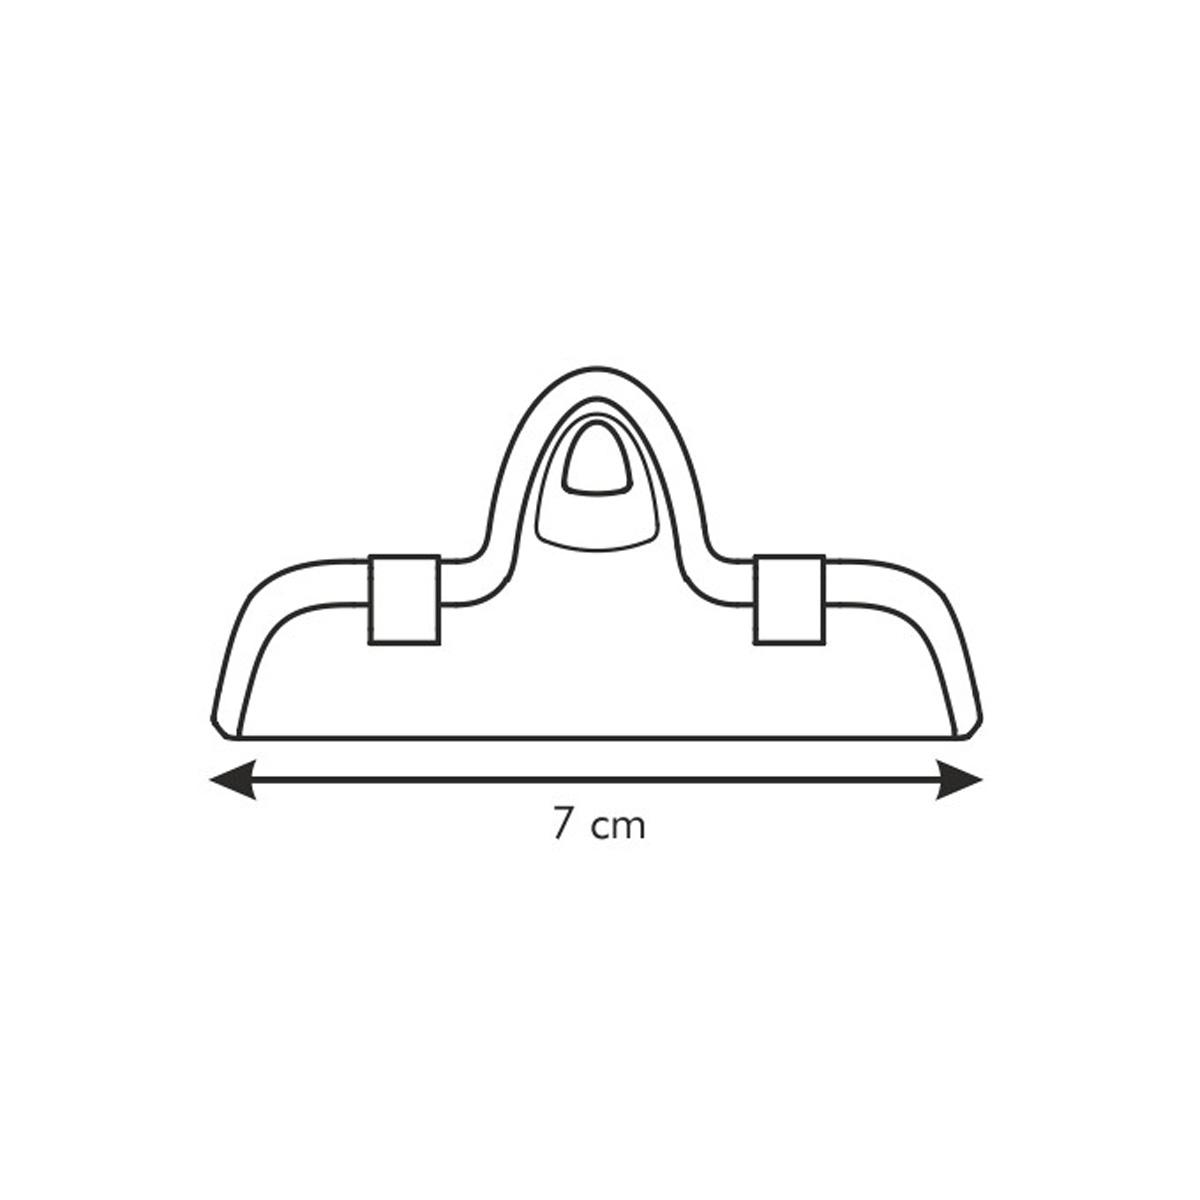 Klipsa na sáčky PRESTO 7 cm, 4 ks